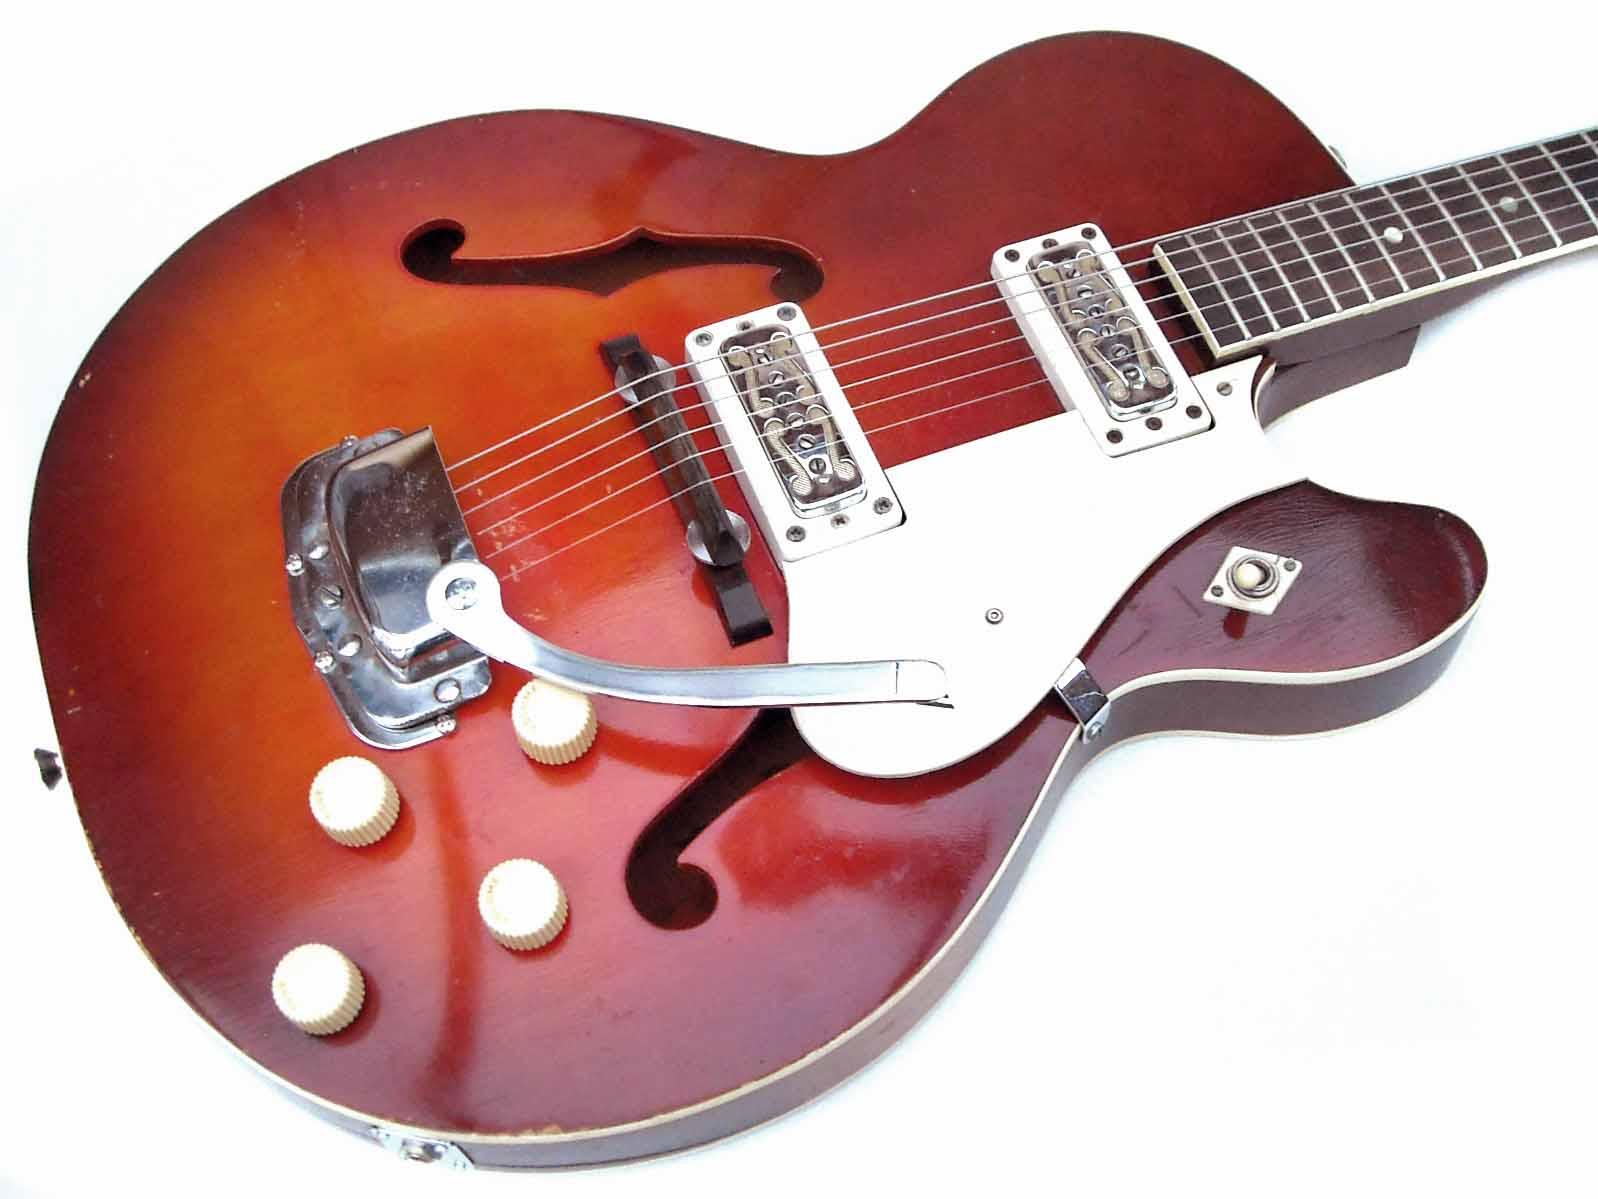 harmony rocket ii 1966 redburst guitar for sale wutzdog guitars. Black Bedroom Furniture Sets. Home Design Ideas